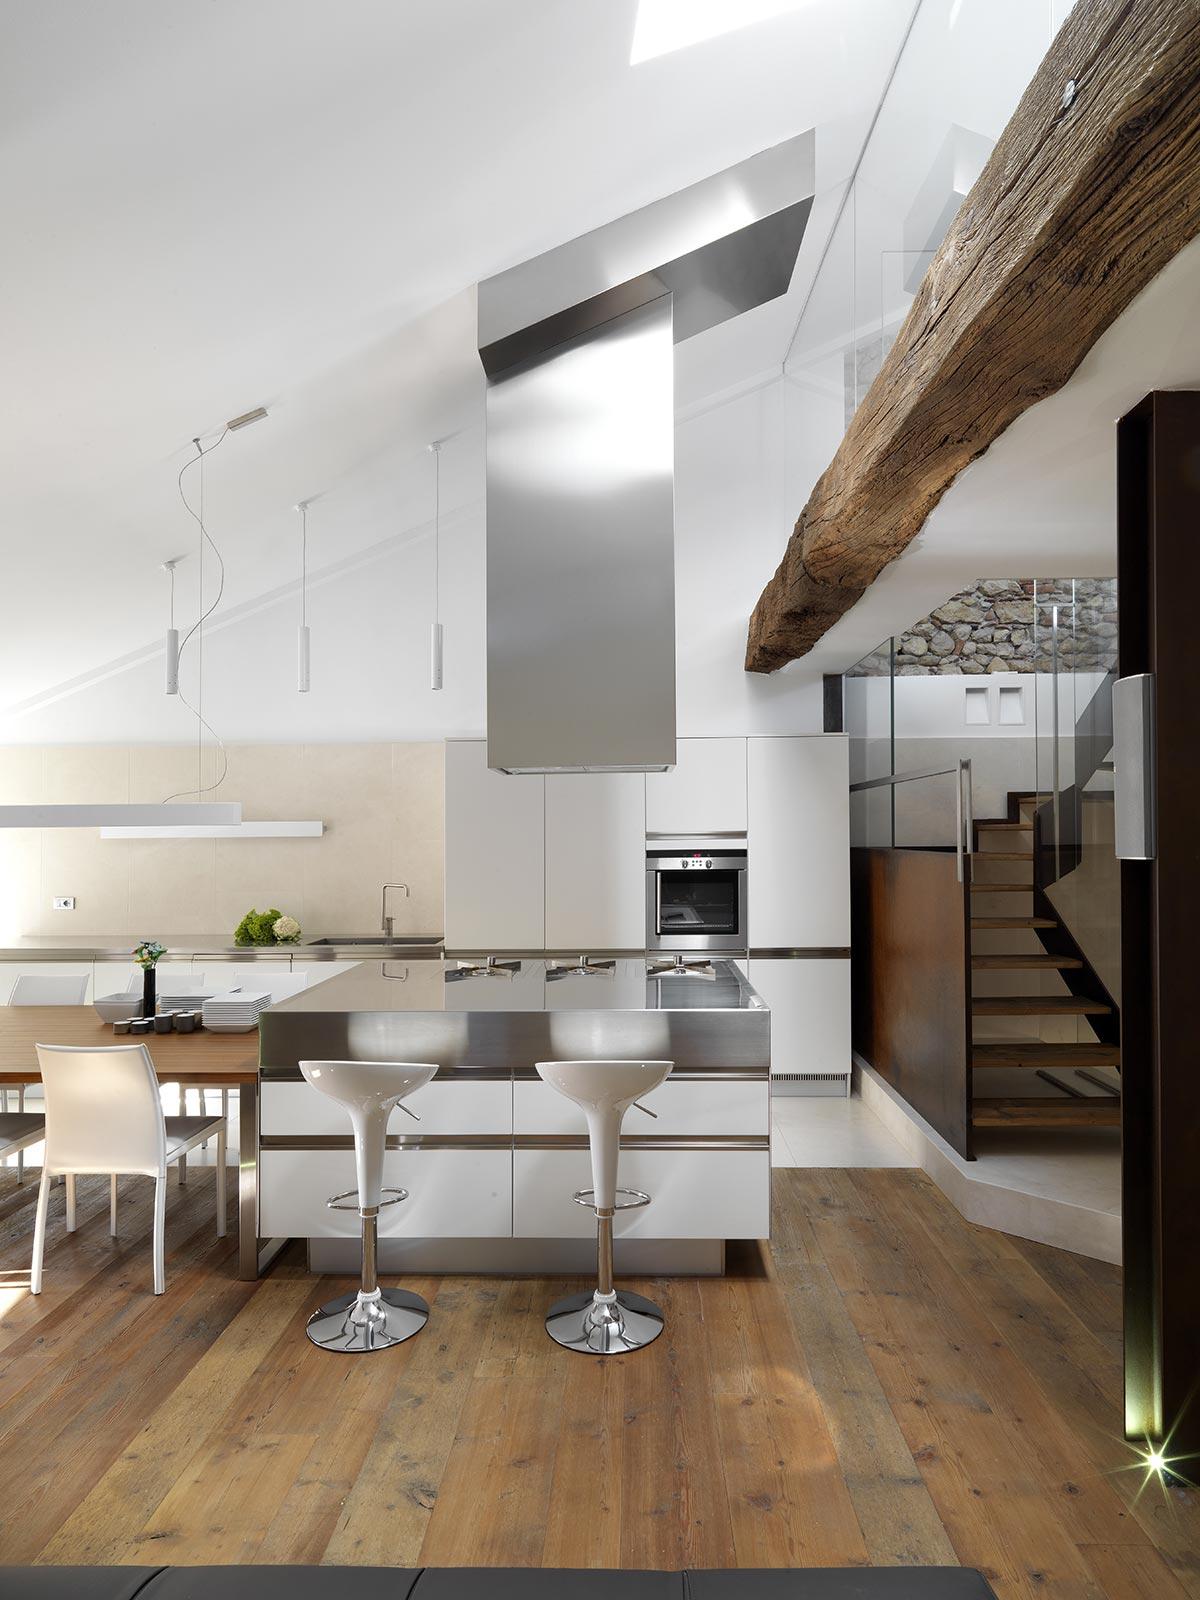 Cucina open space con isola centrale stile industriale con inox e travi in legno.